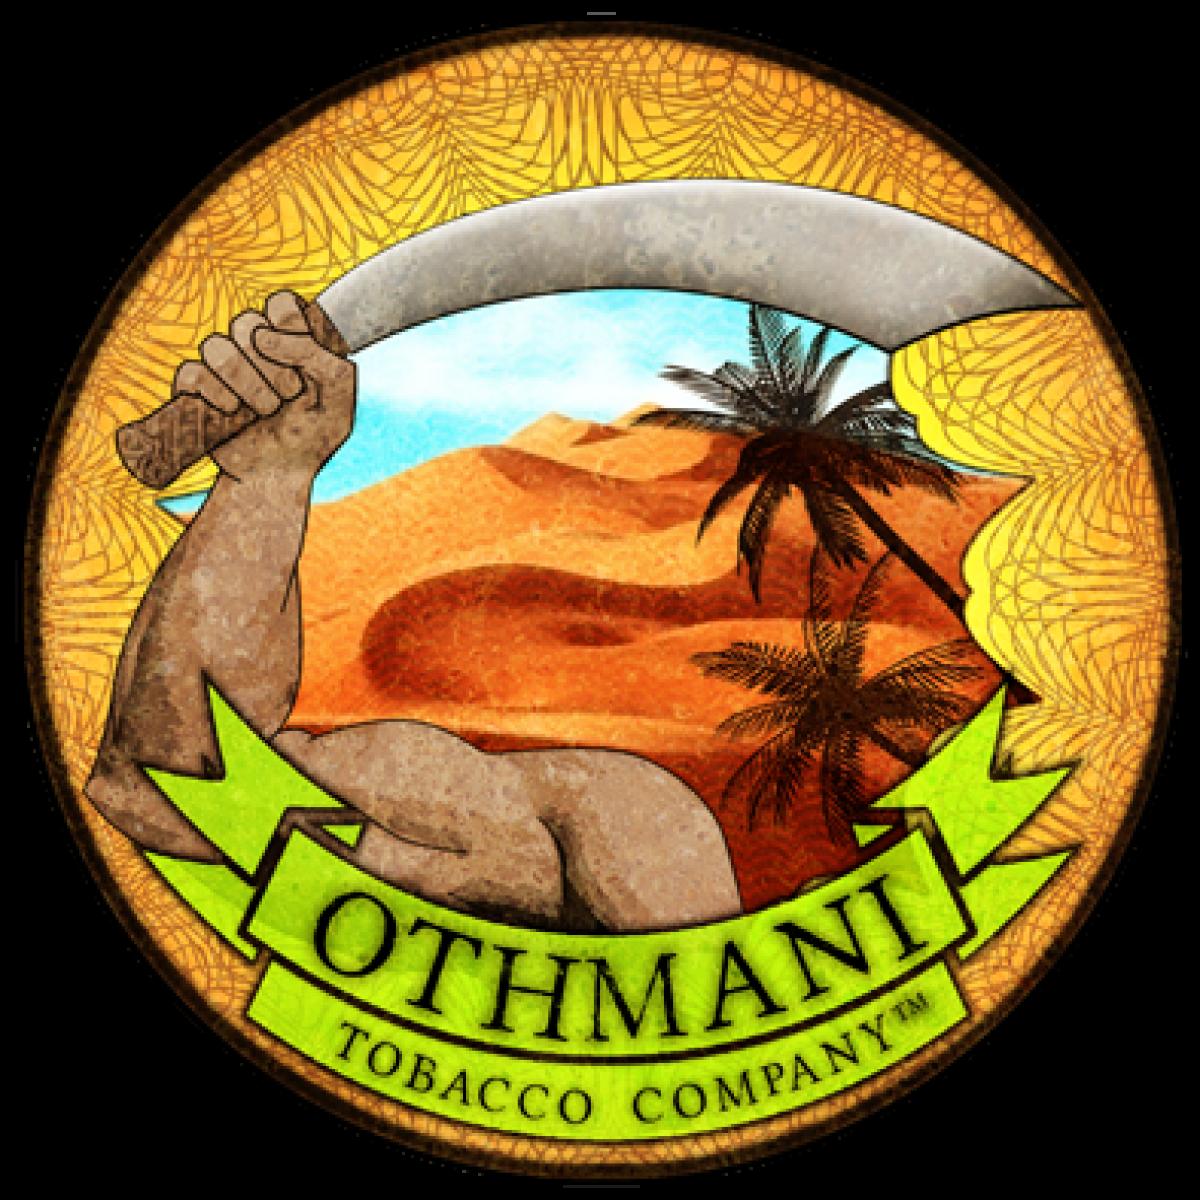 Othmani Shisha